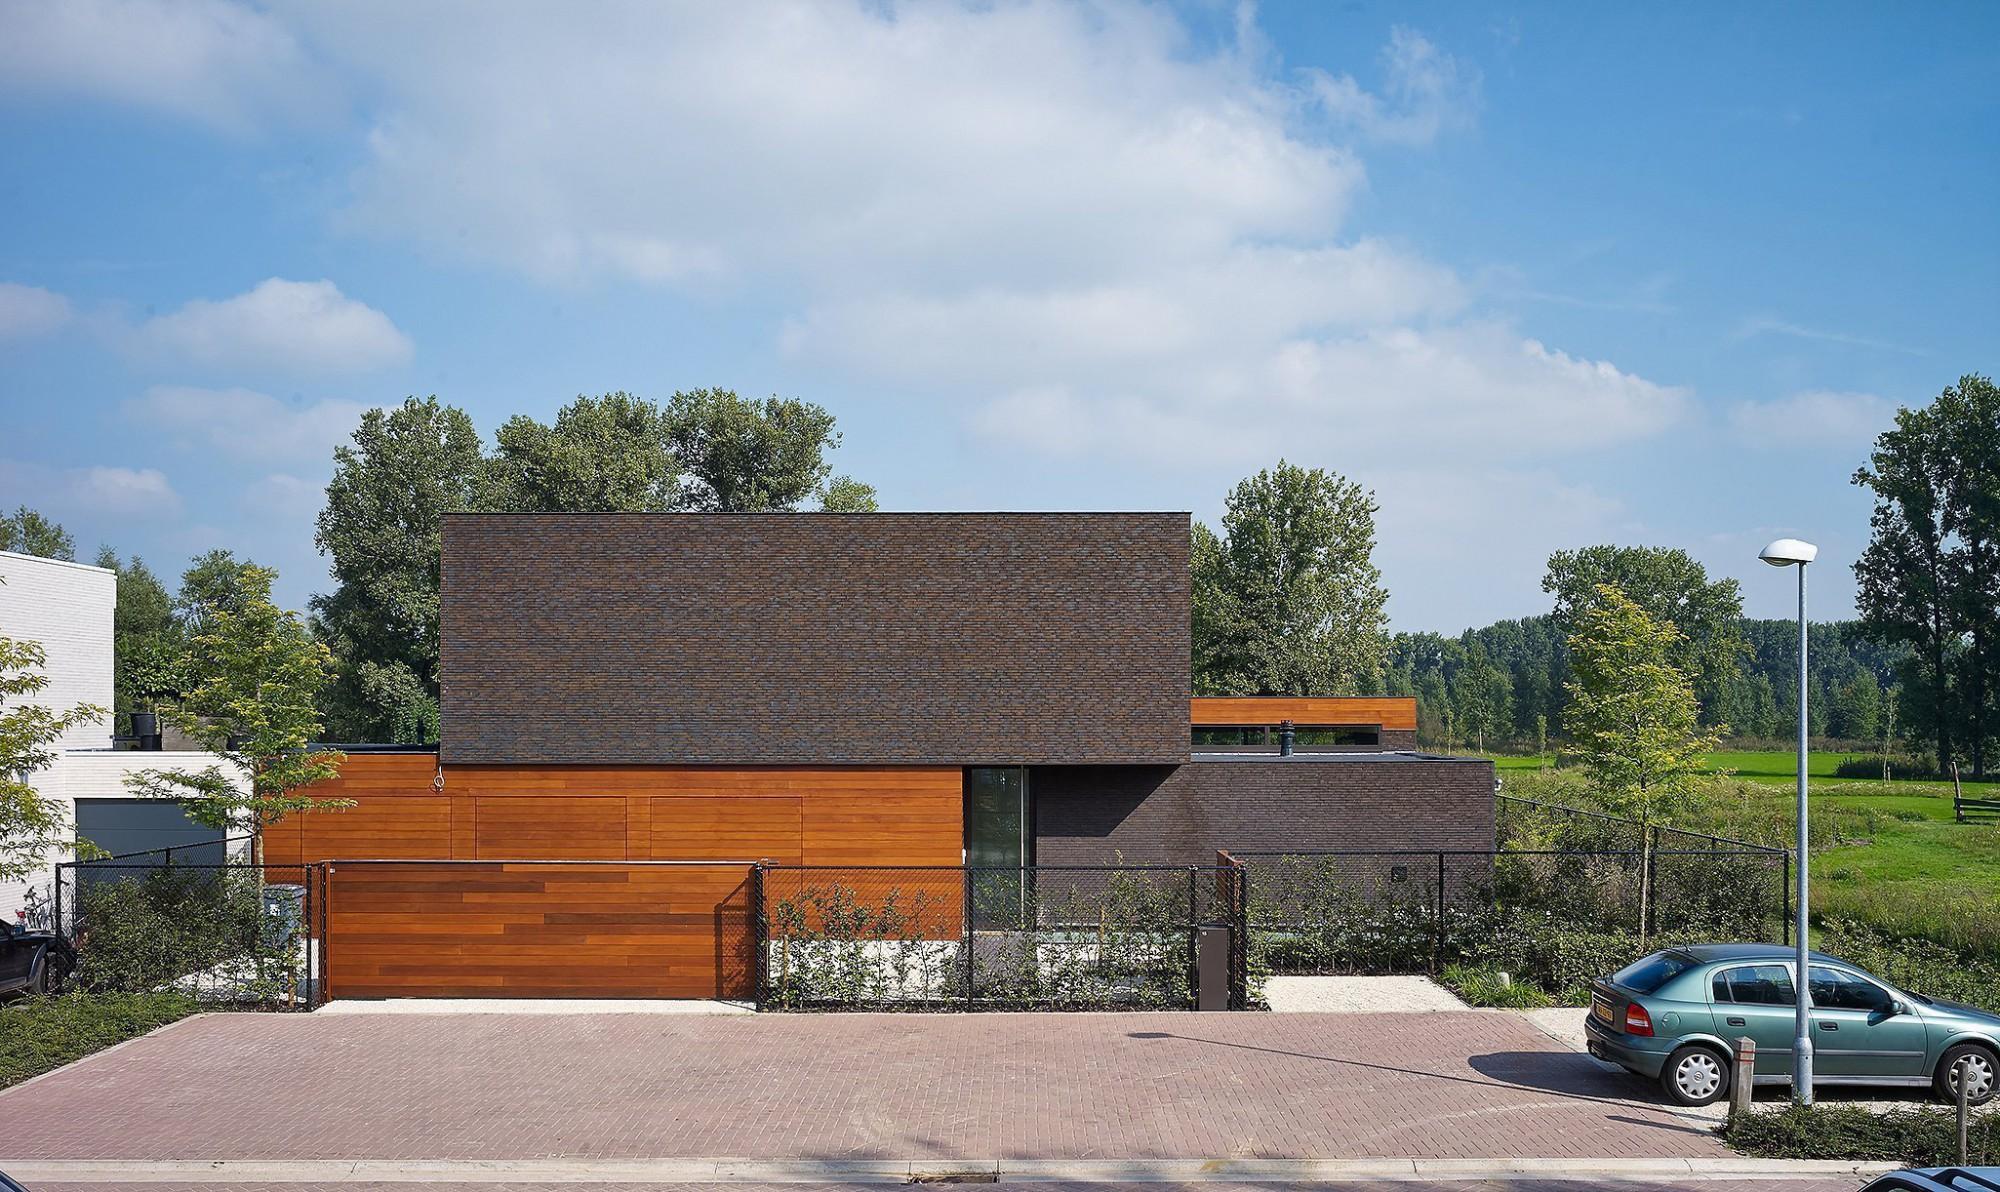 Afbeelding: Architectuur fotografie, moderne woning Hoogstraten, © atelier Blockx, Peeters & Van Looveren, voor bouwbedrijf Woestenborghs.